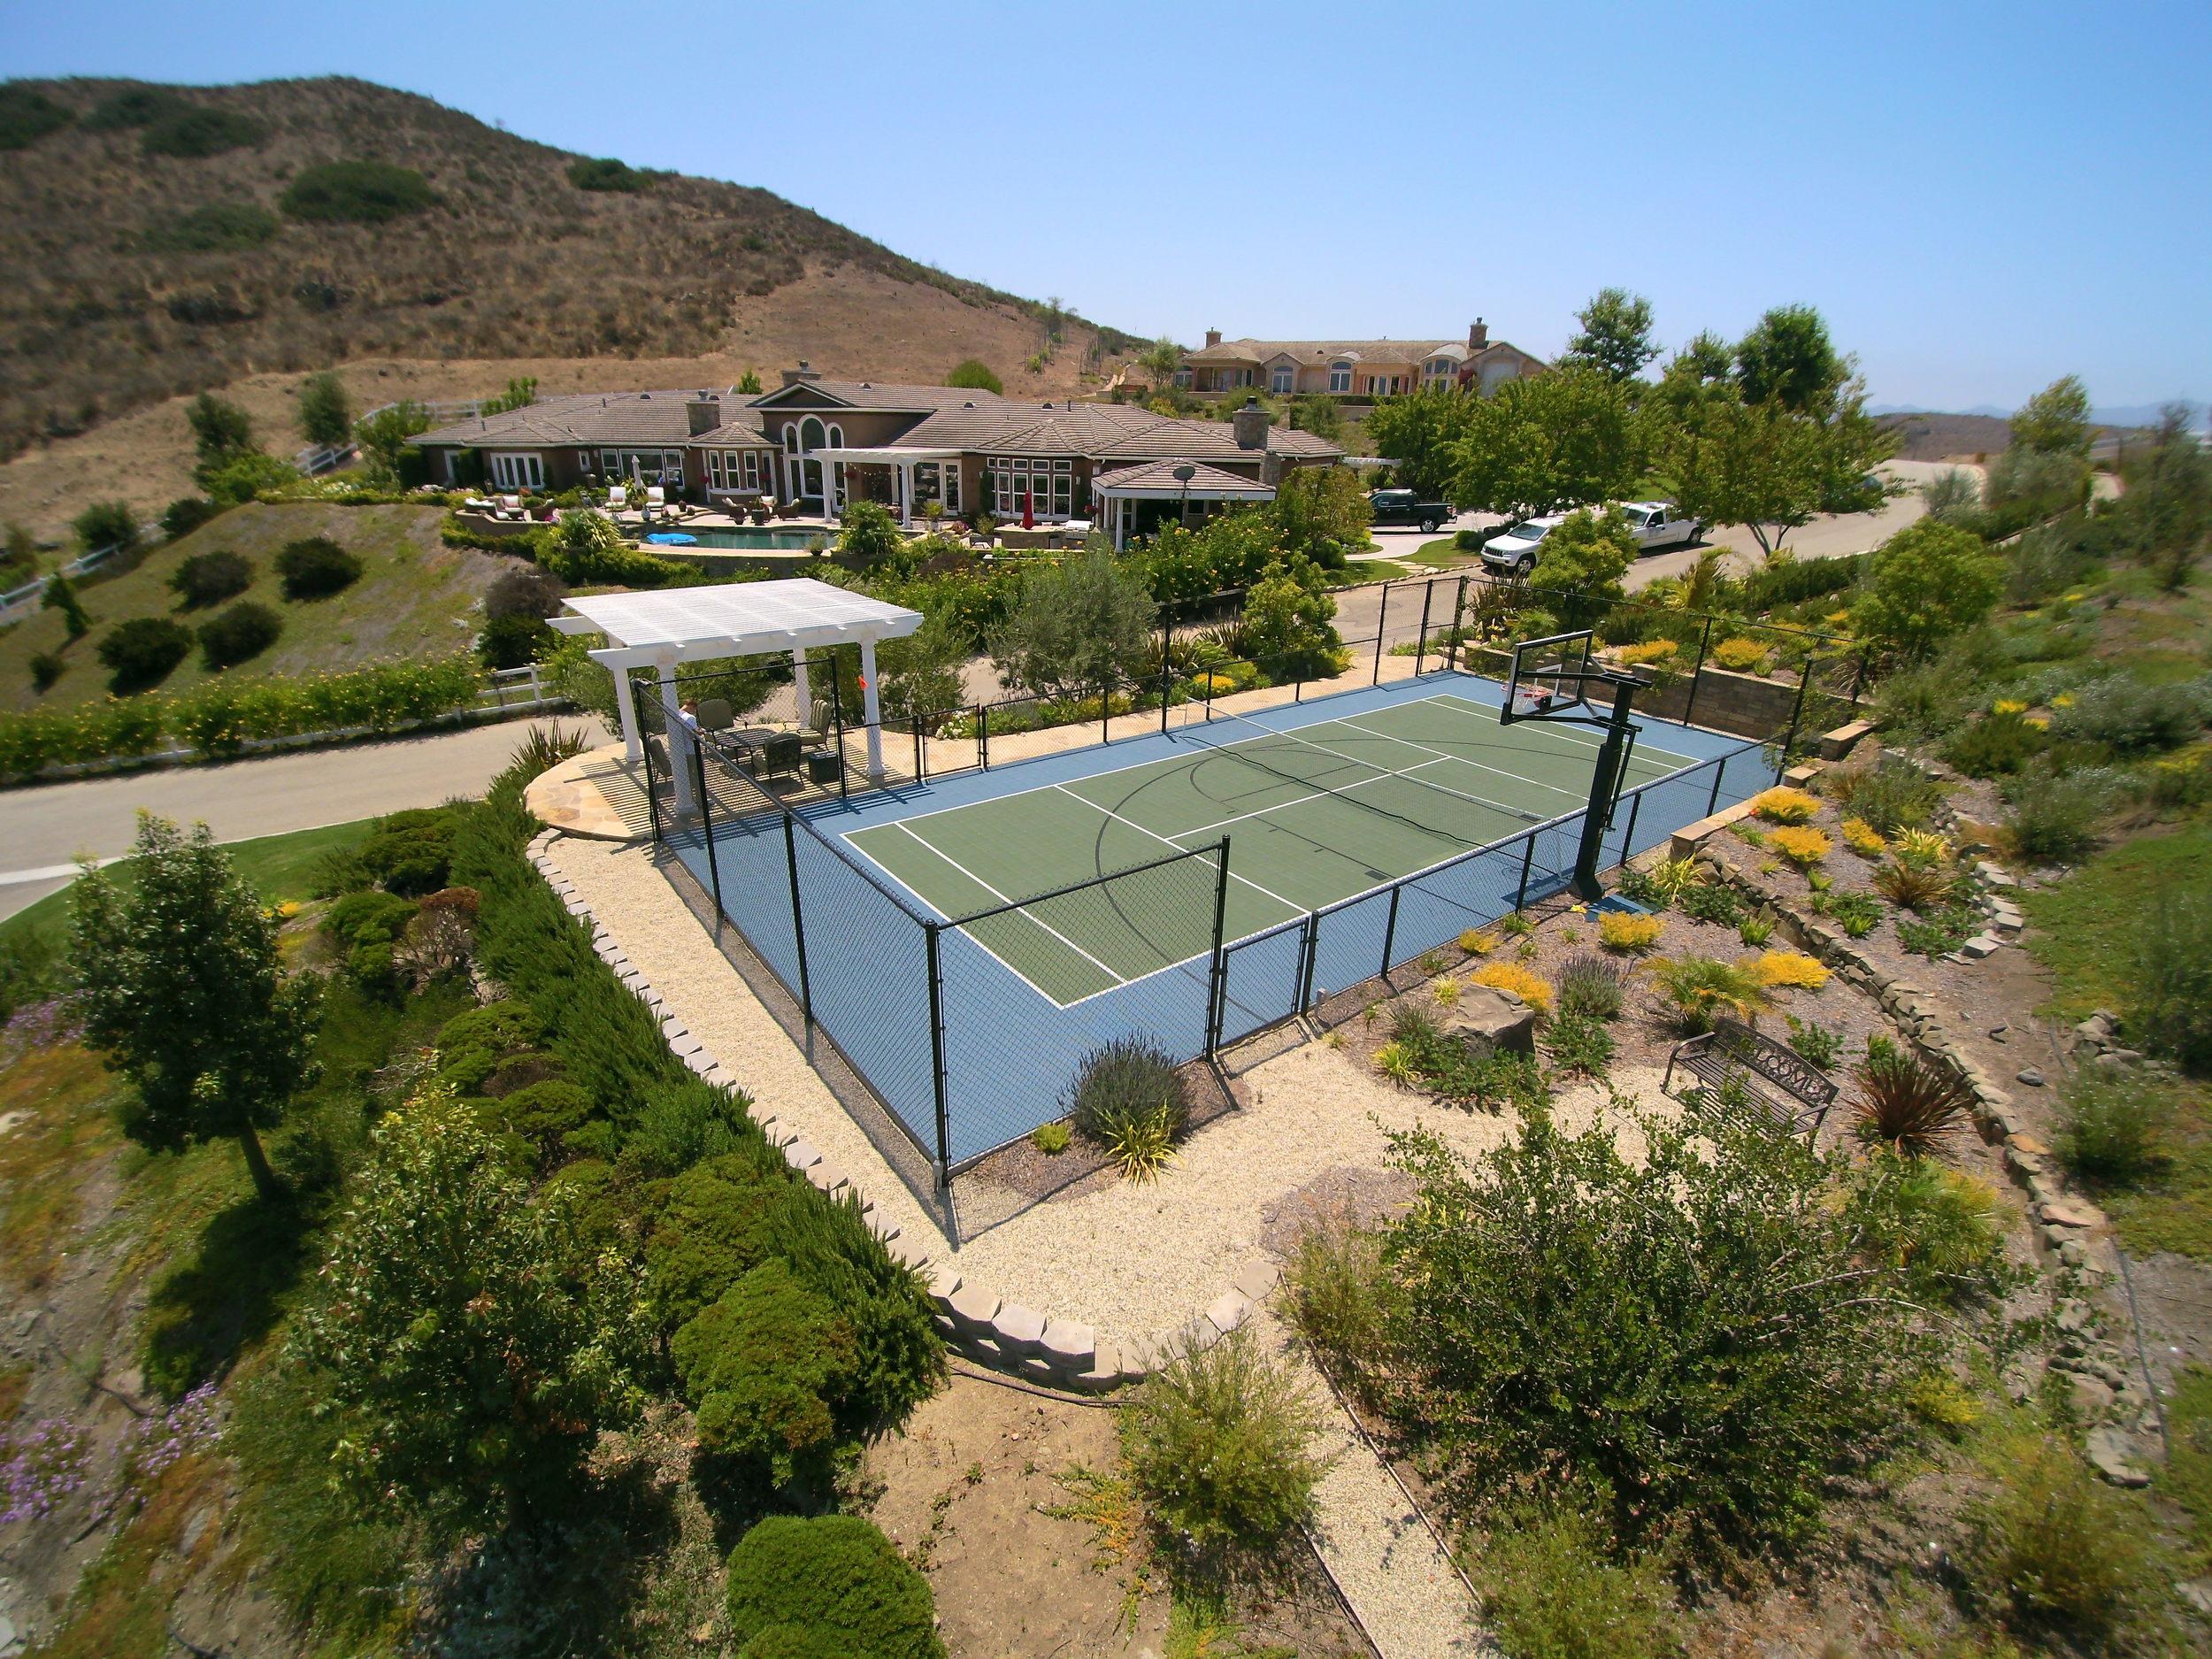 Drought tolerant landscape with sport court